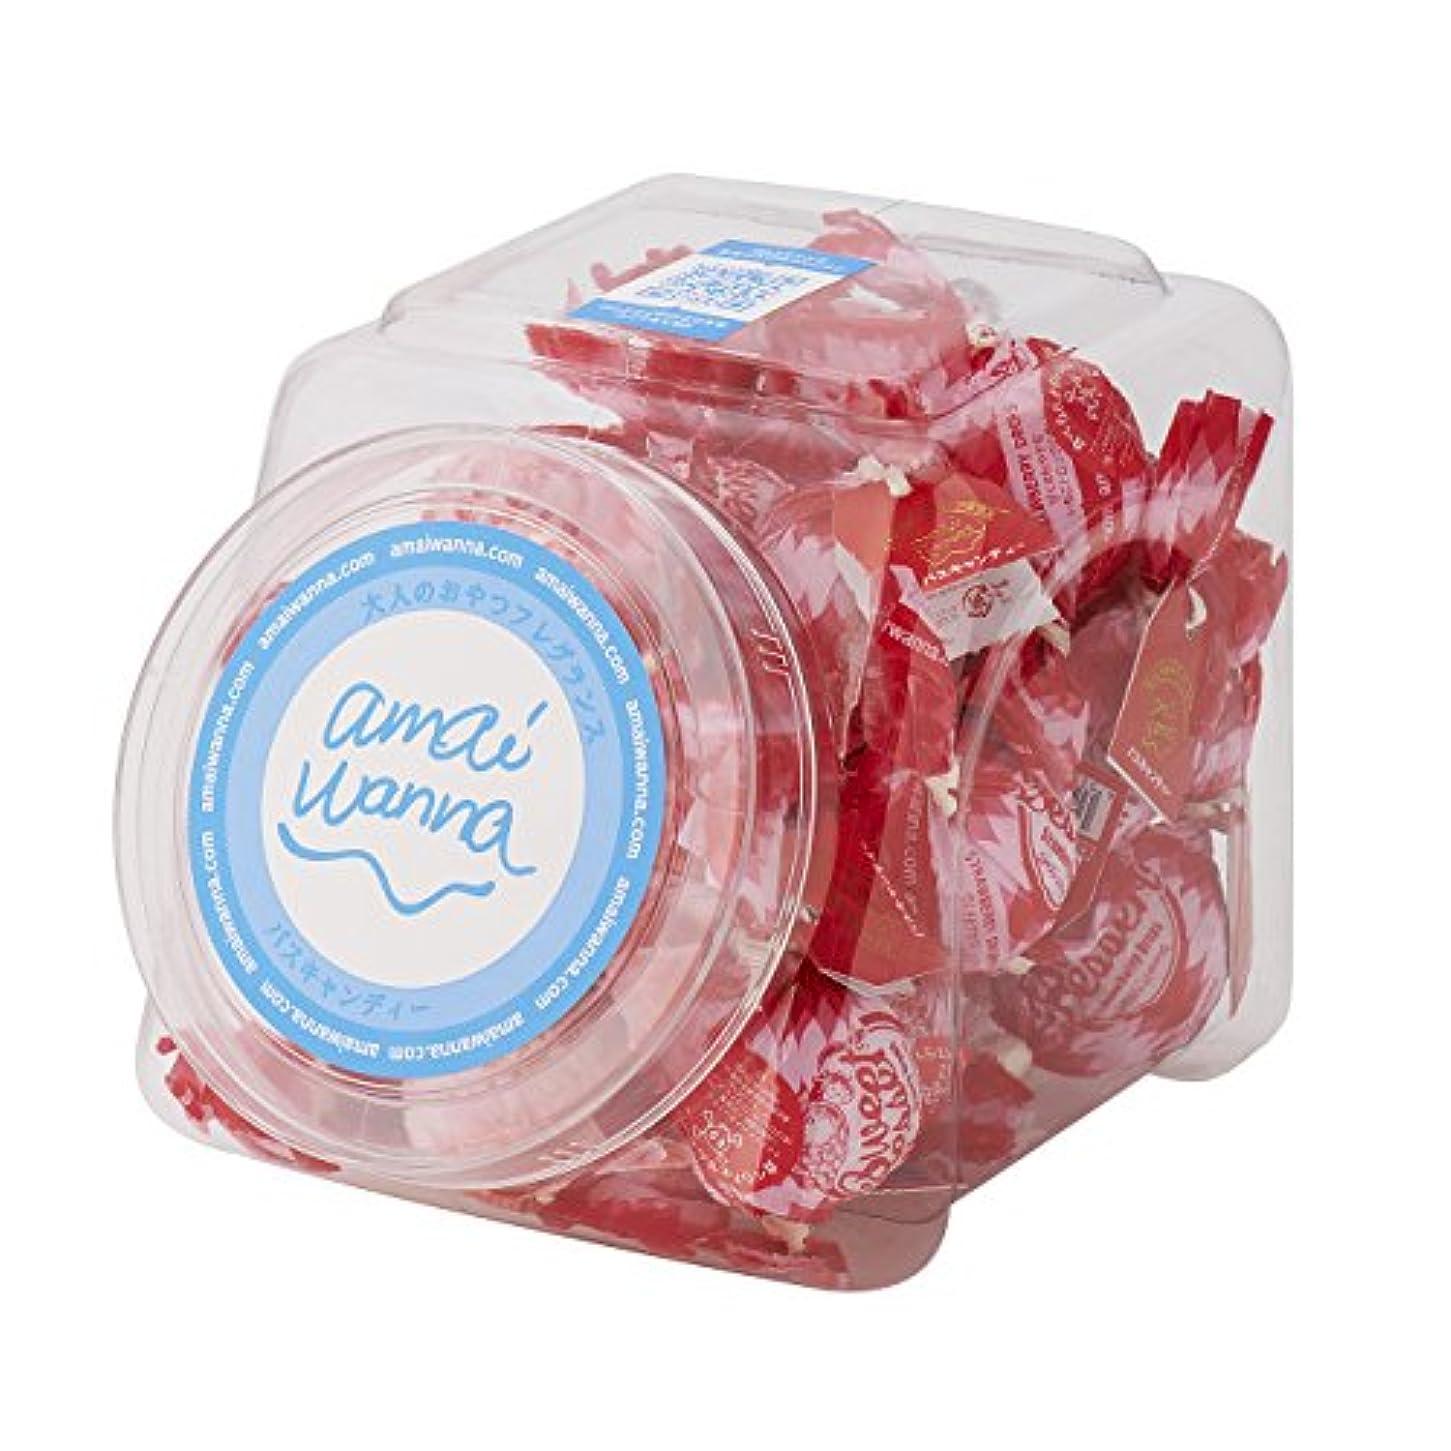 最終褒賞歯痛アマイワナ バスキャンディーポットセット いちごドロップ 35g×24コ(発泡タイプ入浴料 甘くさわやかないちごドロップの香り)